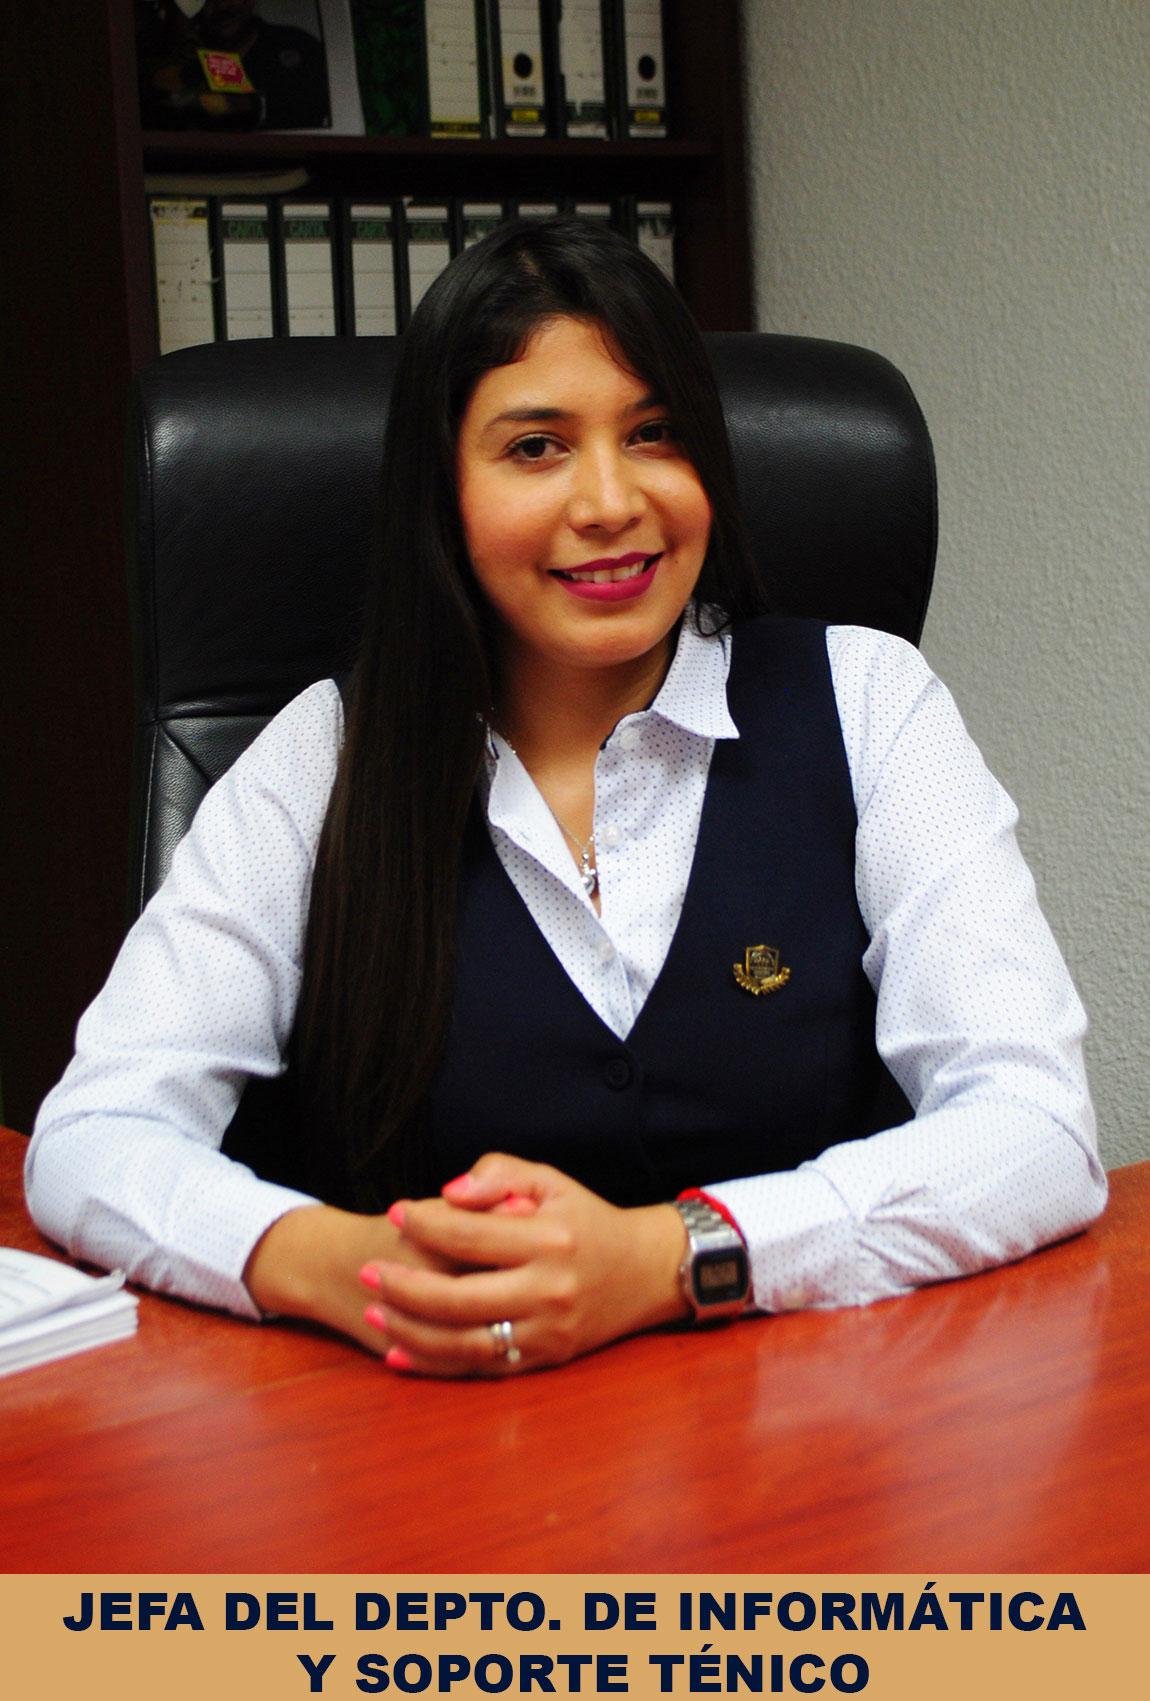 LSC. María de los Angeles Valenzuela Moreno